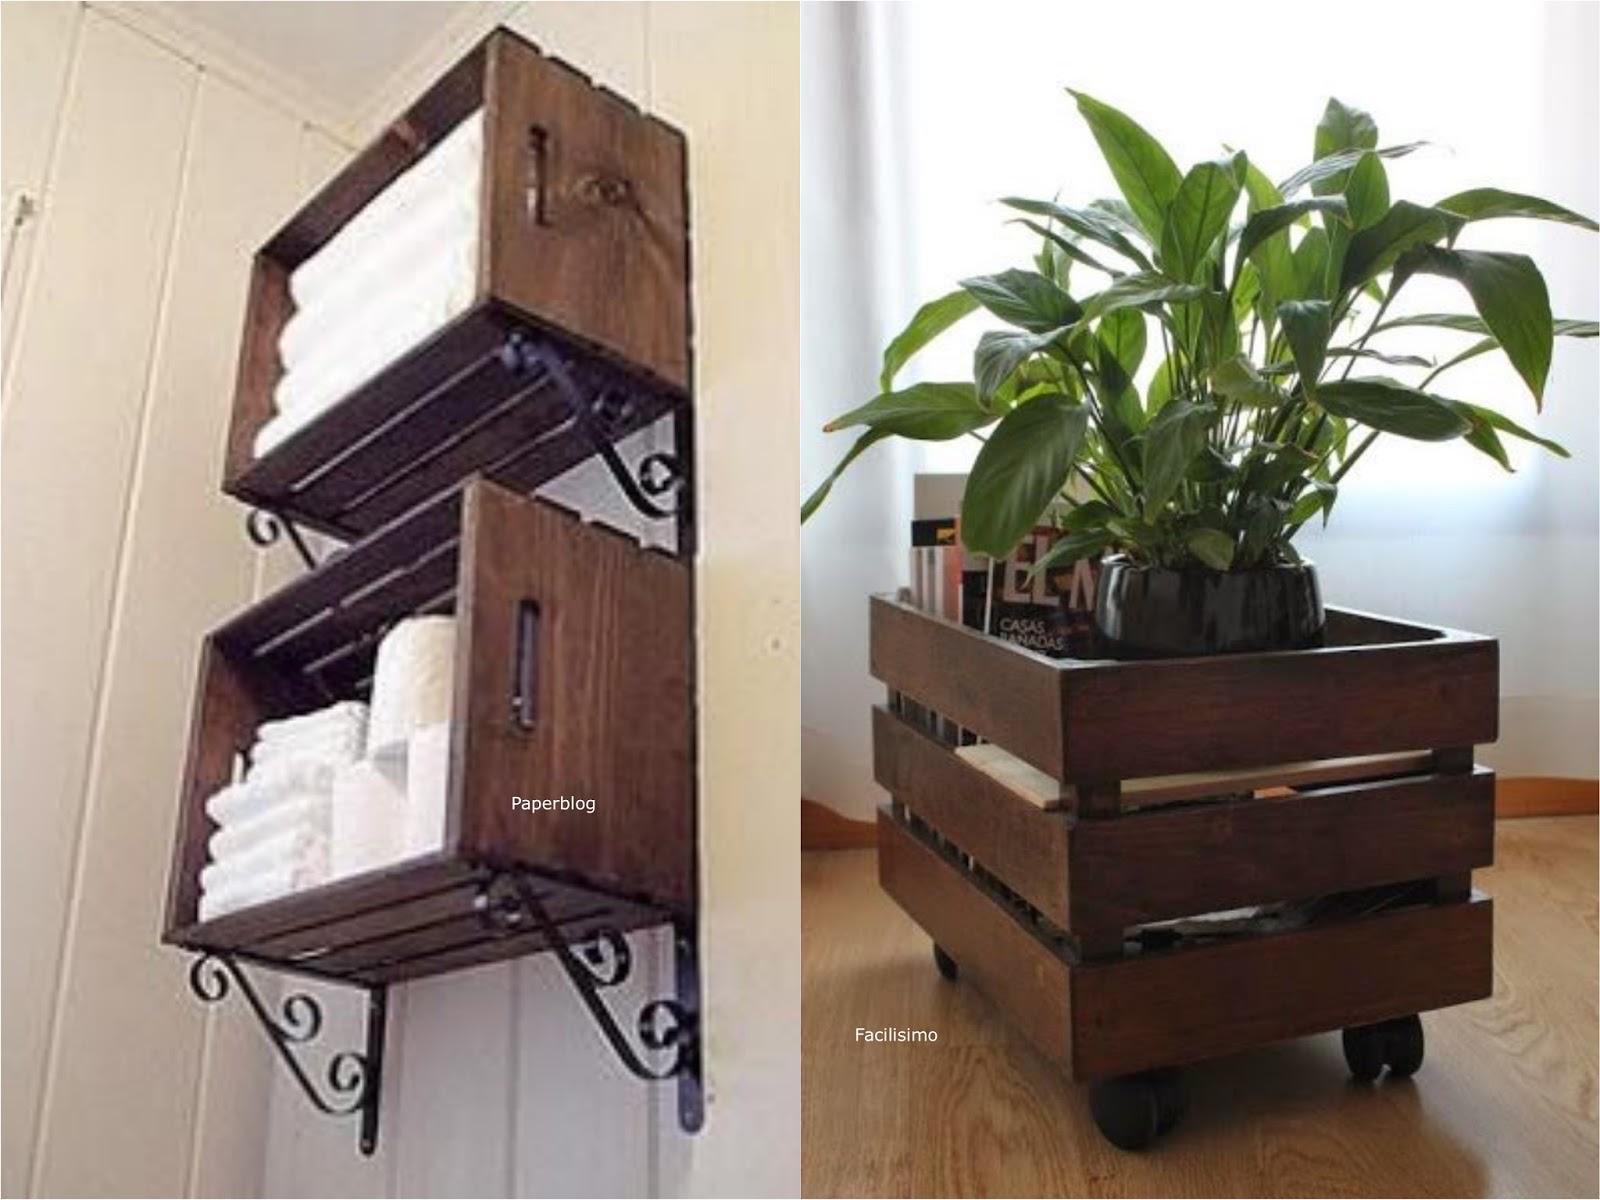 It mum decorar la casa con el diy de cajas de madera deco inspiration - Cajitas de madera para decorar ...